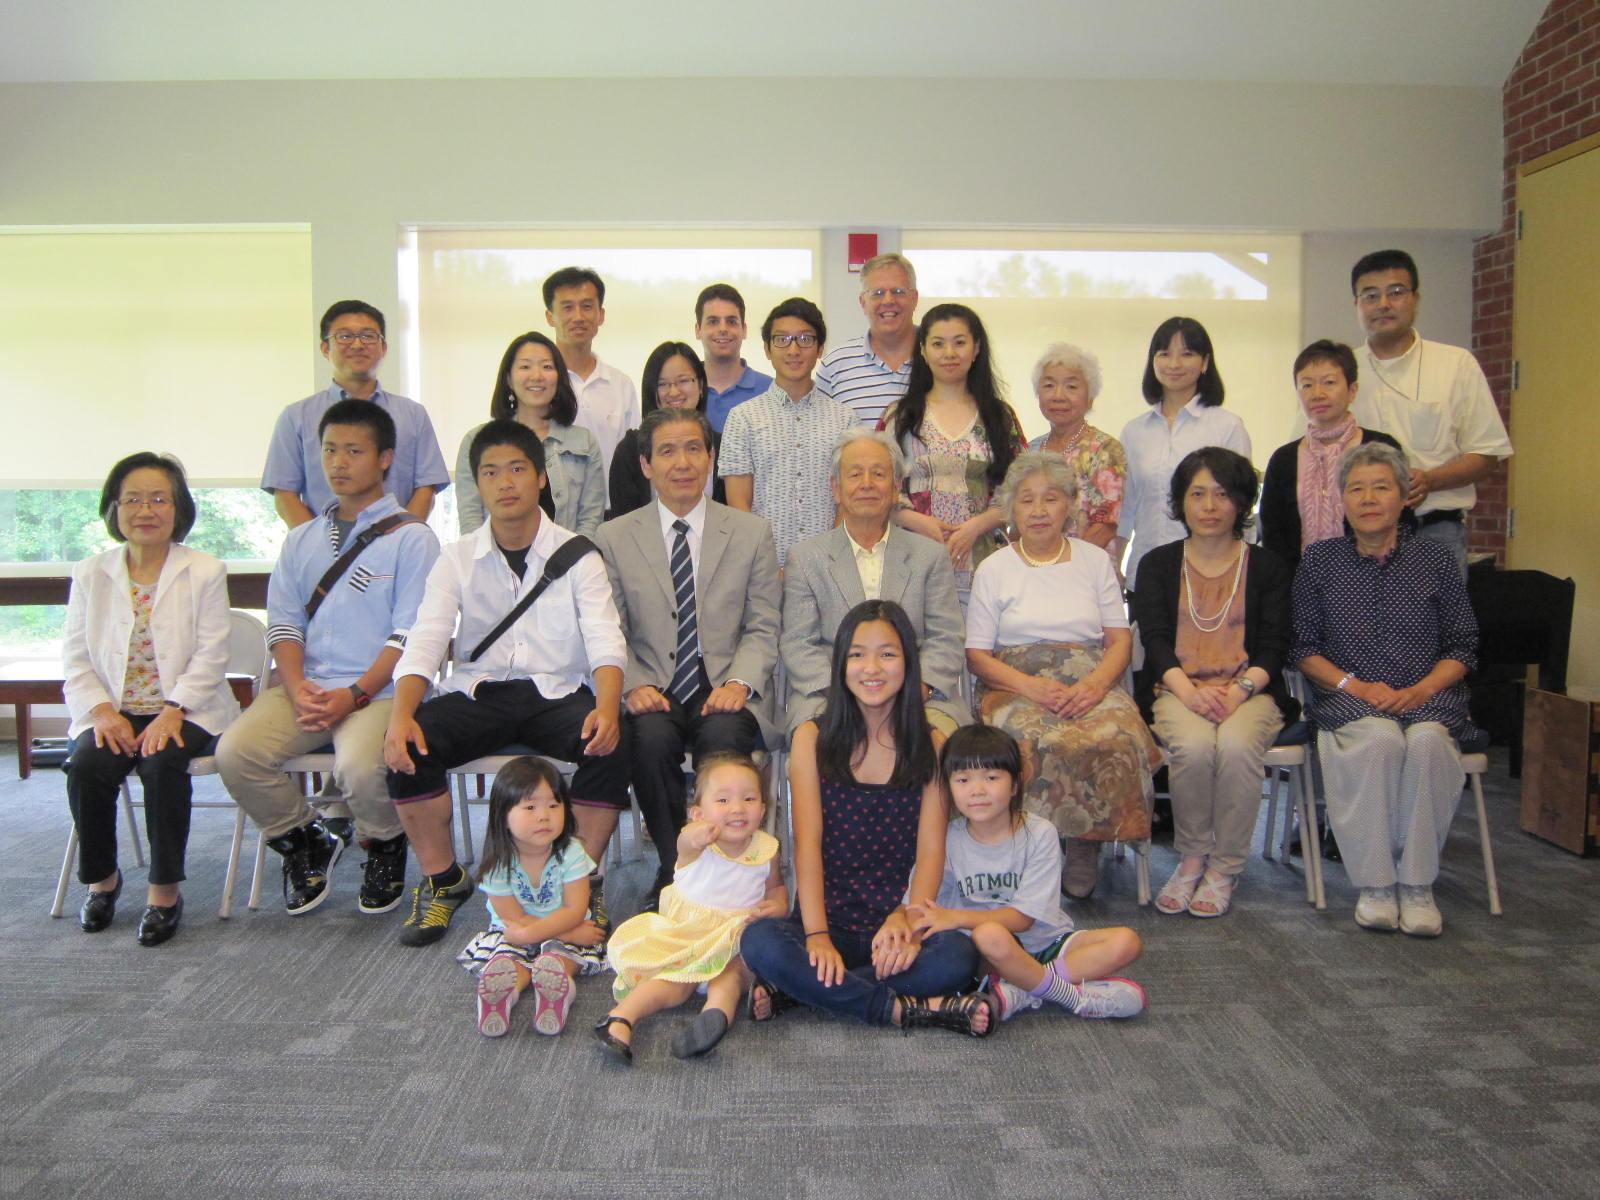 7月27日:日本からのゲストをお迎えして